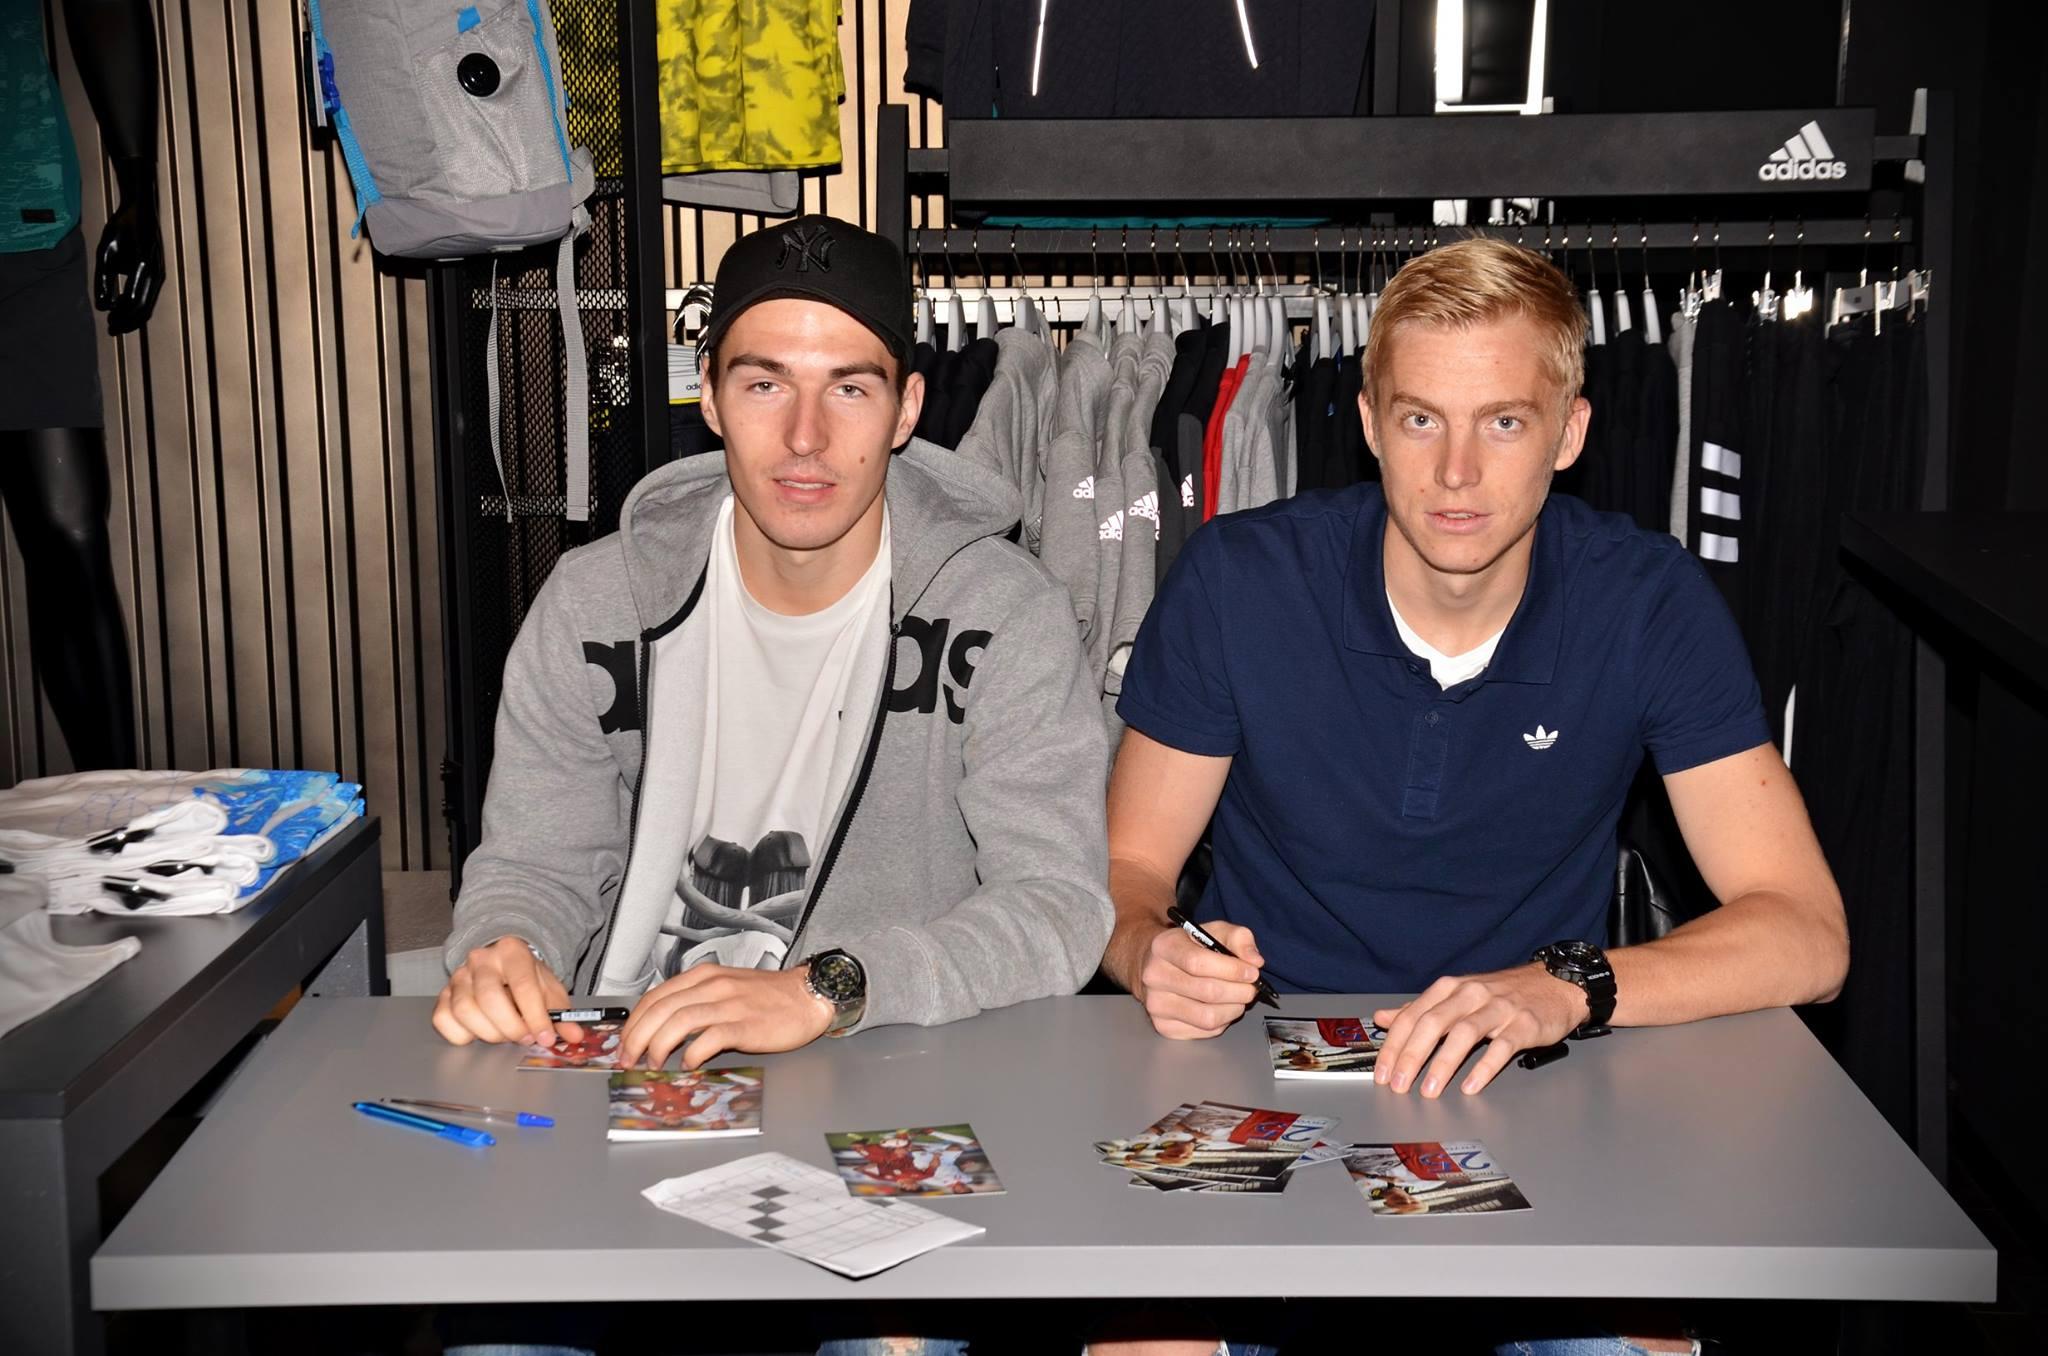 Hráči Slavie Frydrych a Hrubý při autogramiádě v našem pražském obchodě.